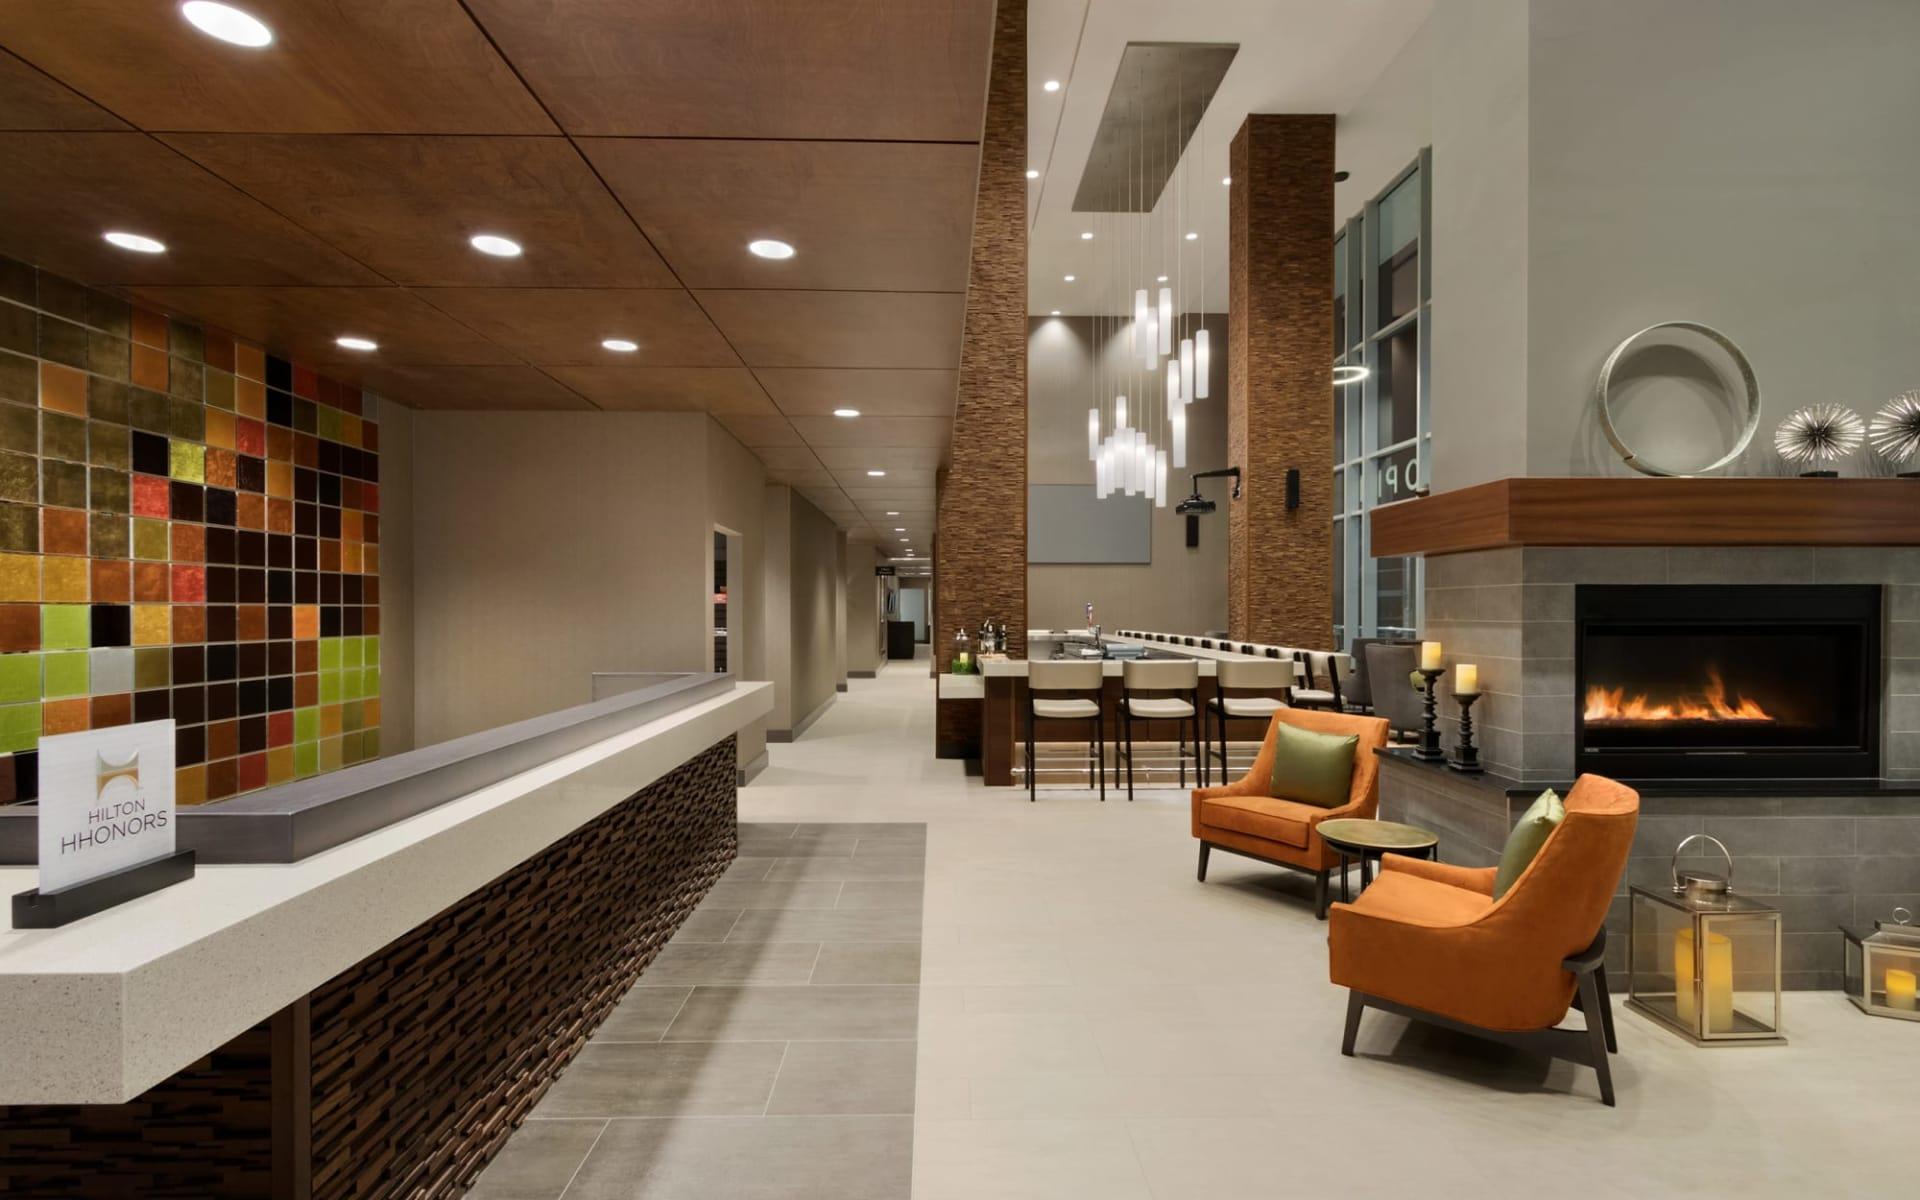 Hilton Garden Inn Calgary Downtown: Facilities_Hilton Garden Inn YYC Downtown_Lobby_Jonview